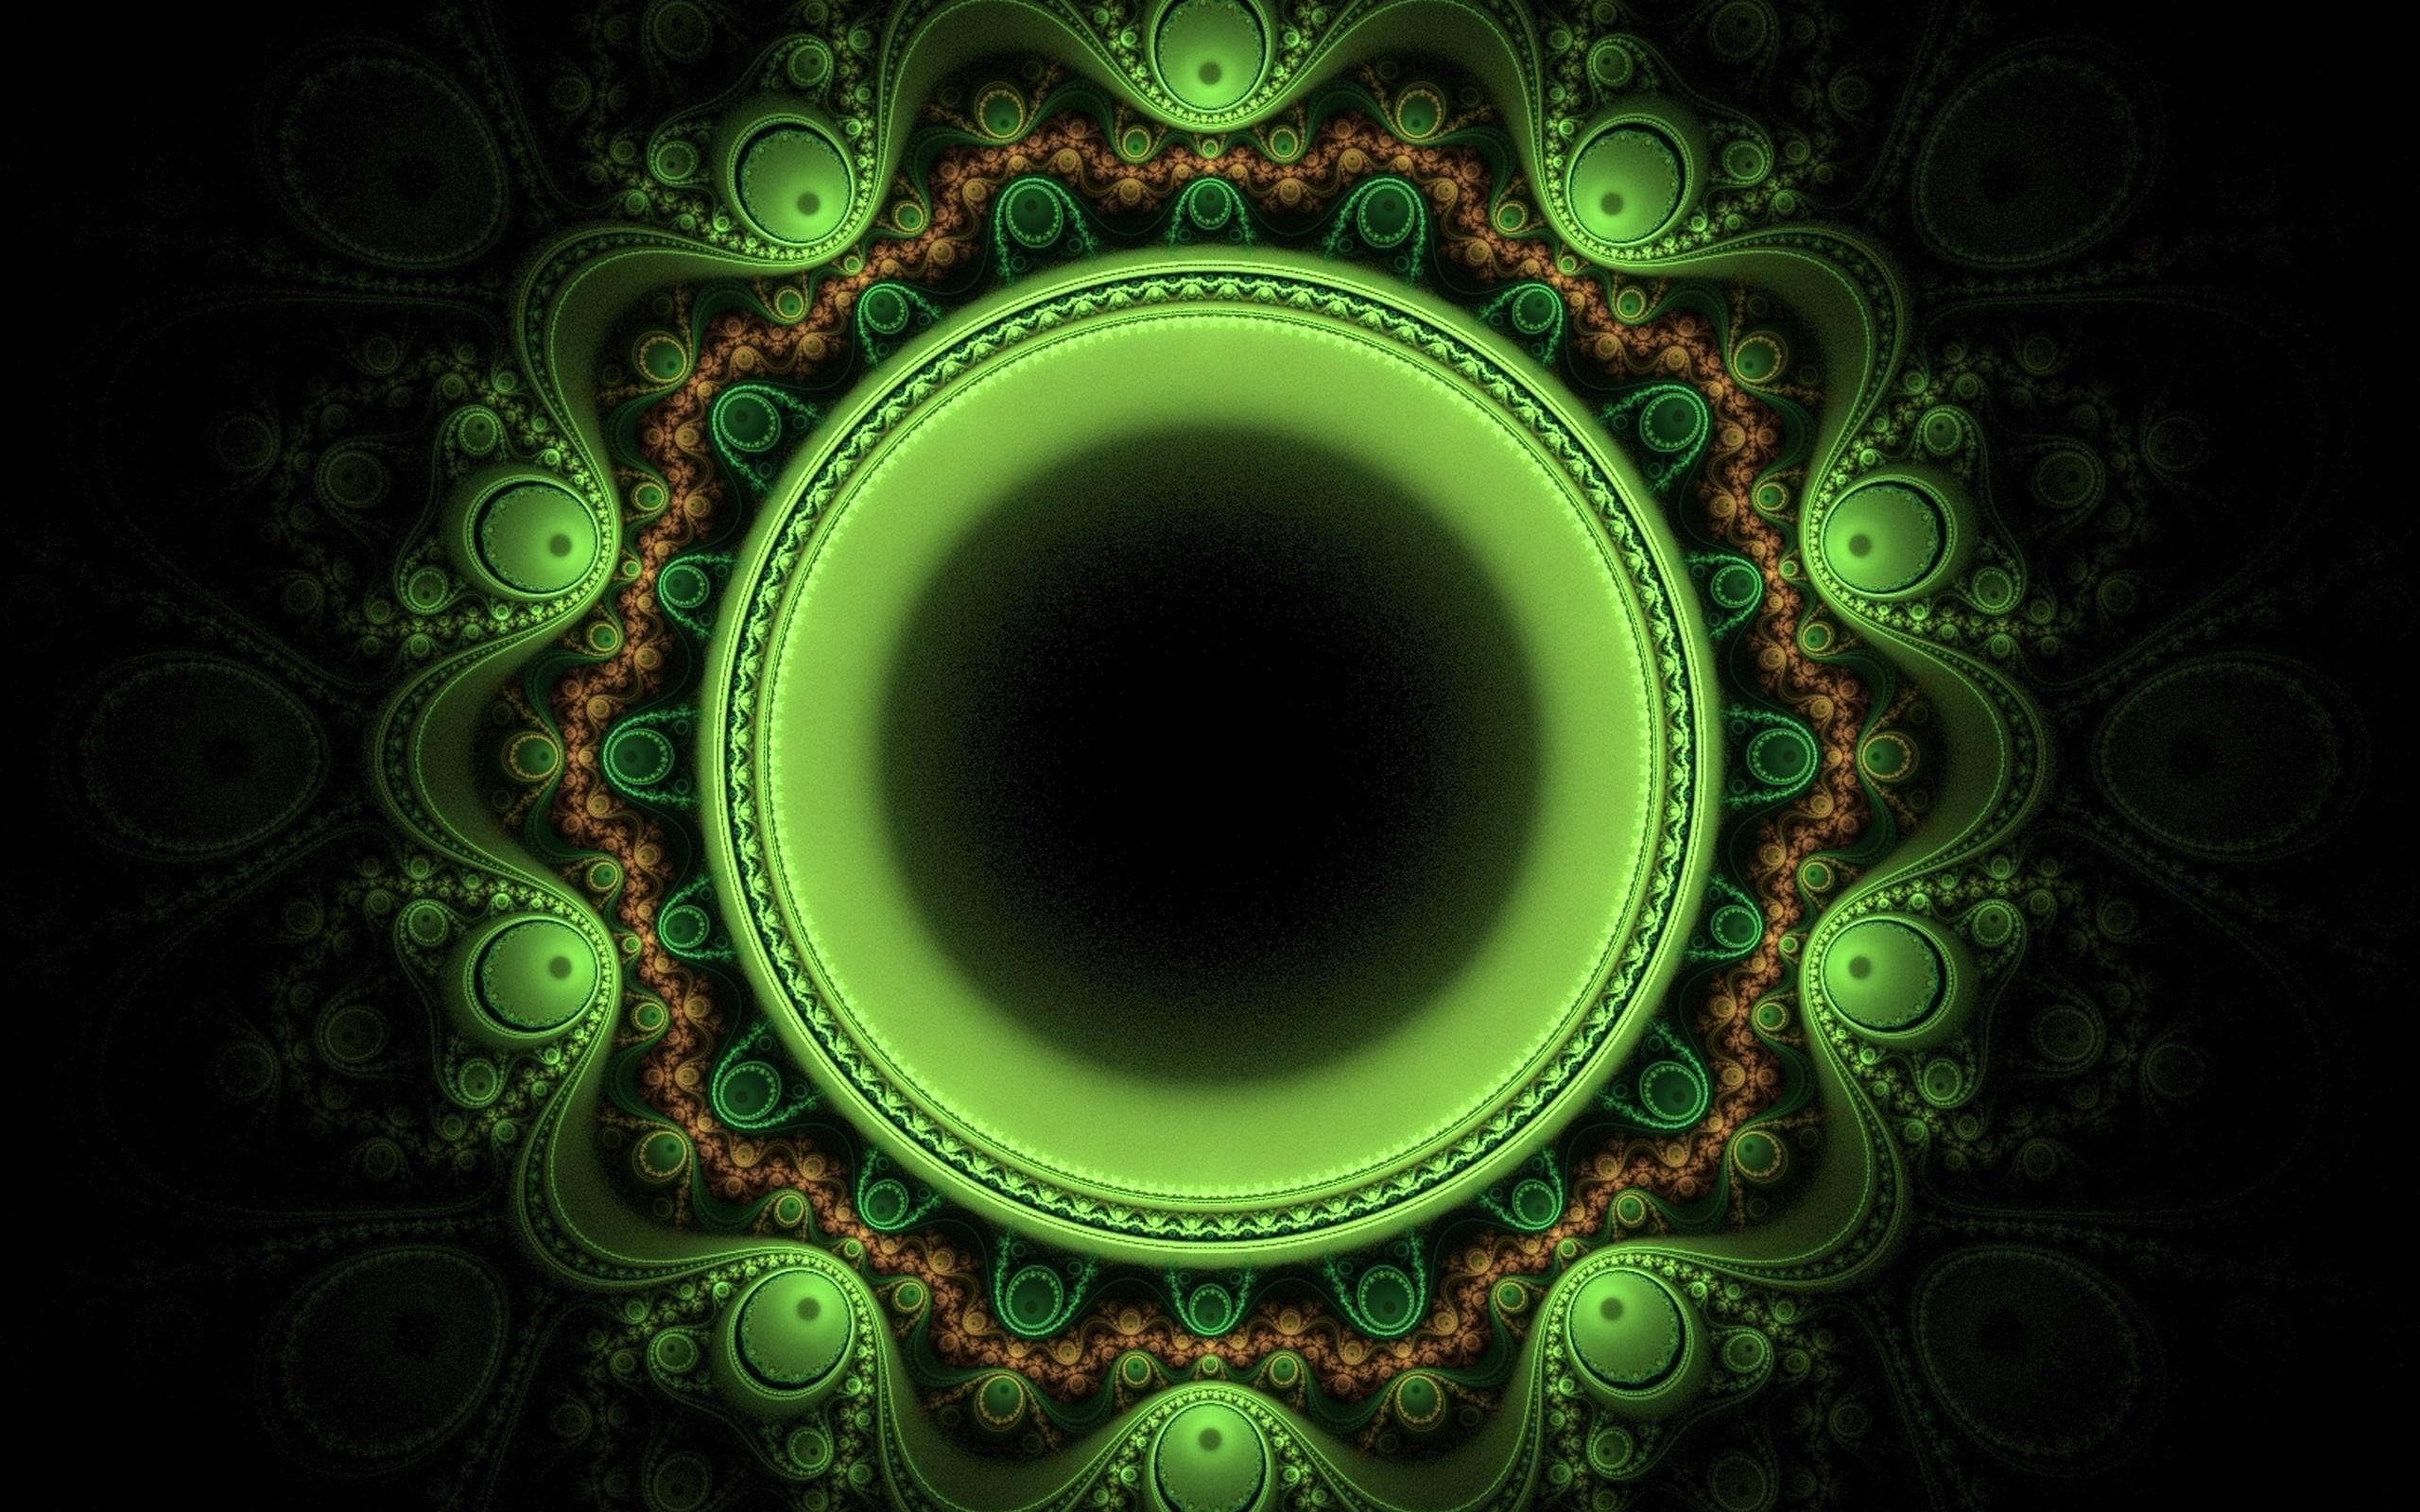 Спираль черная зеленая бесплатно